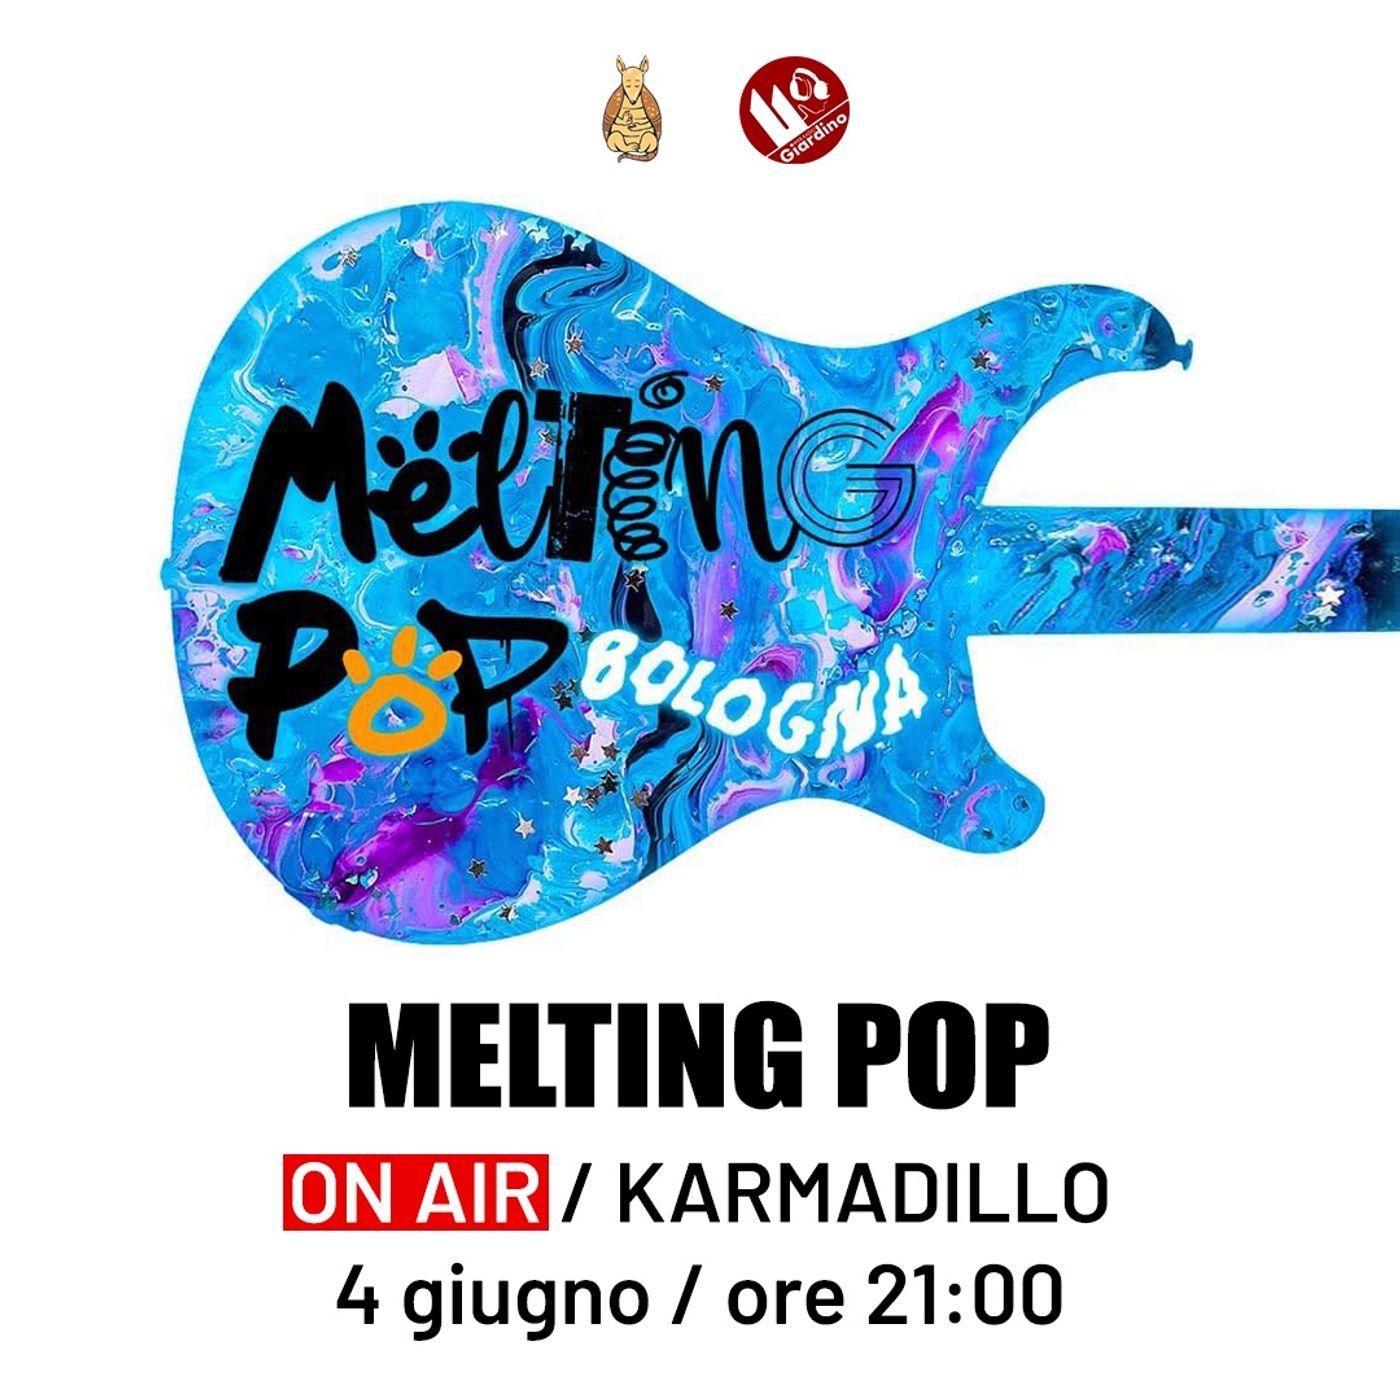 Melting Pop: la possibilità di unire la passione della musica all'interno di un collettivo - Karmadillo - s03e31